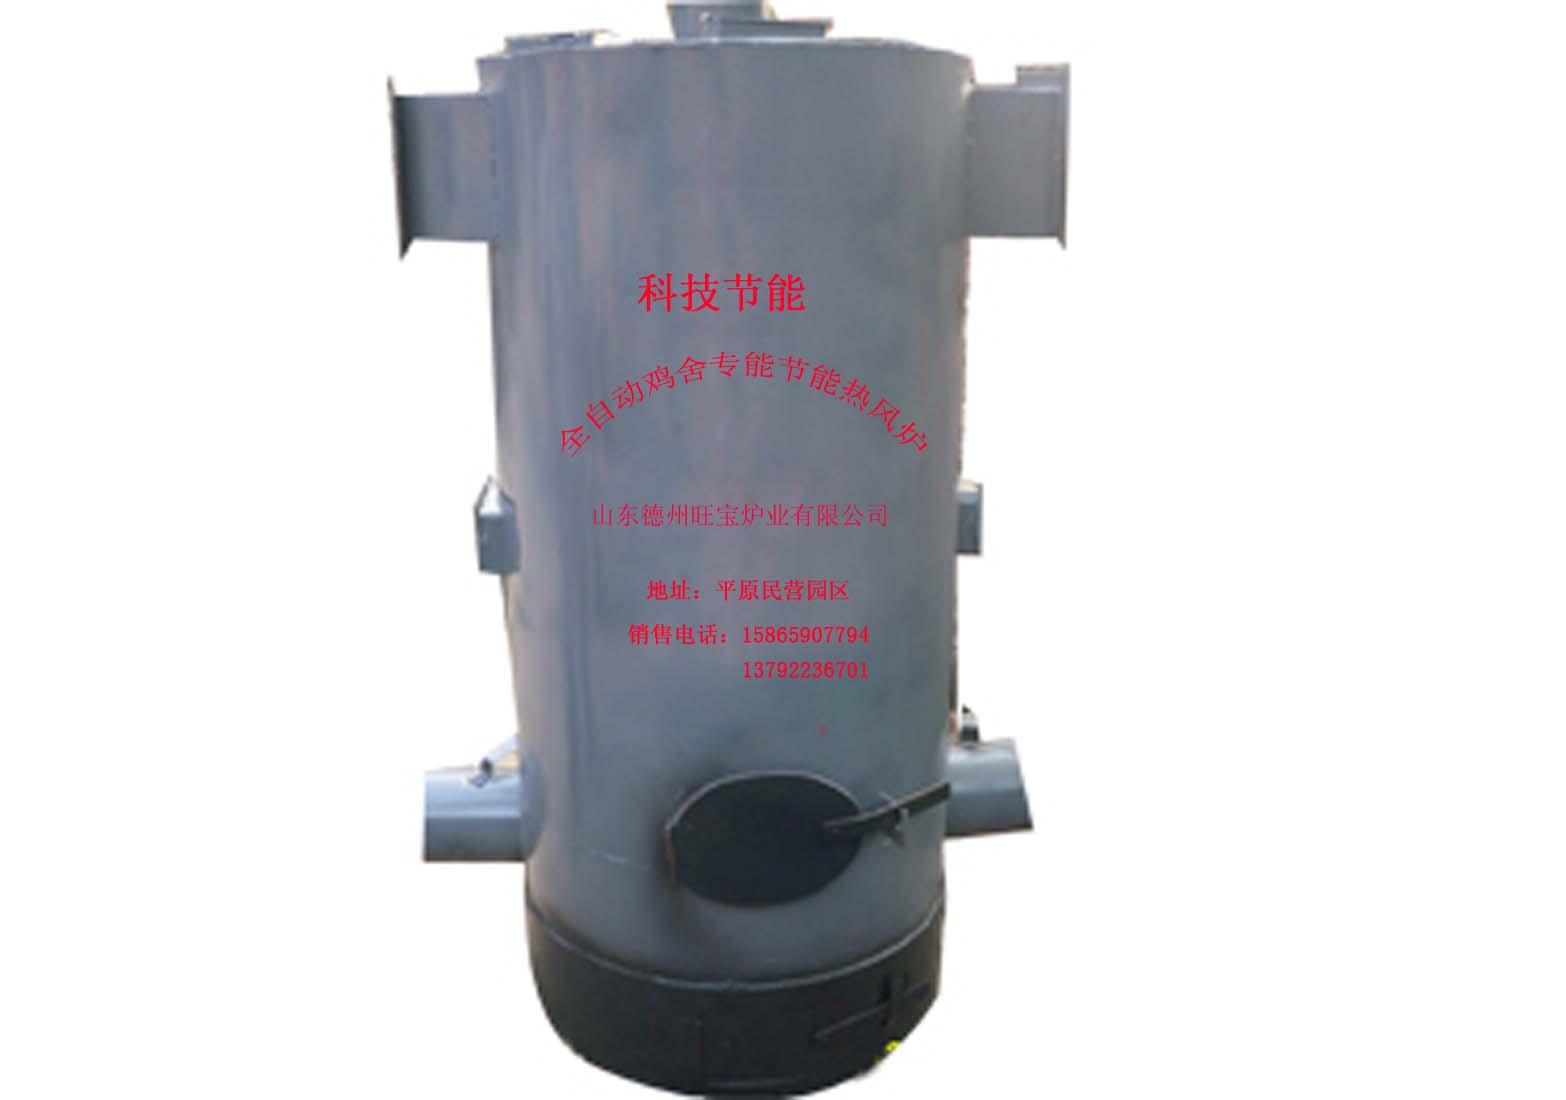 大棚热风炉价格_养殖热风炉燃煤热风炉塑料大棚热风炉热风炉